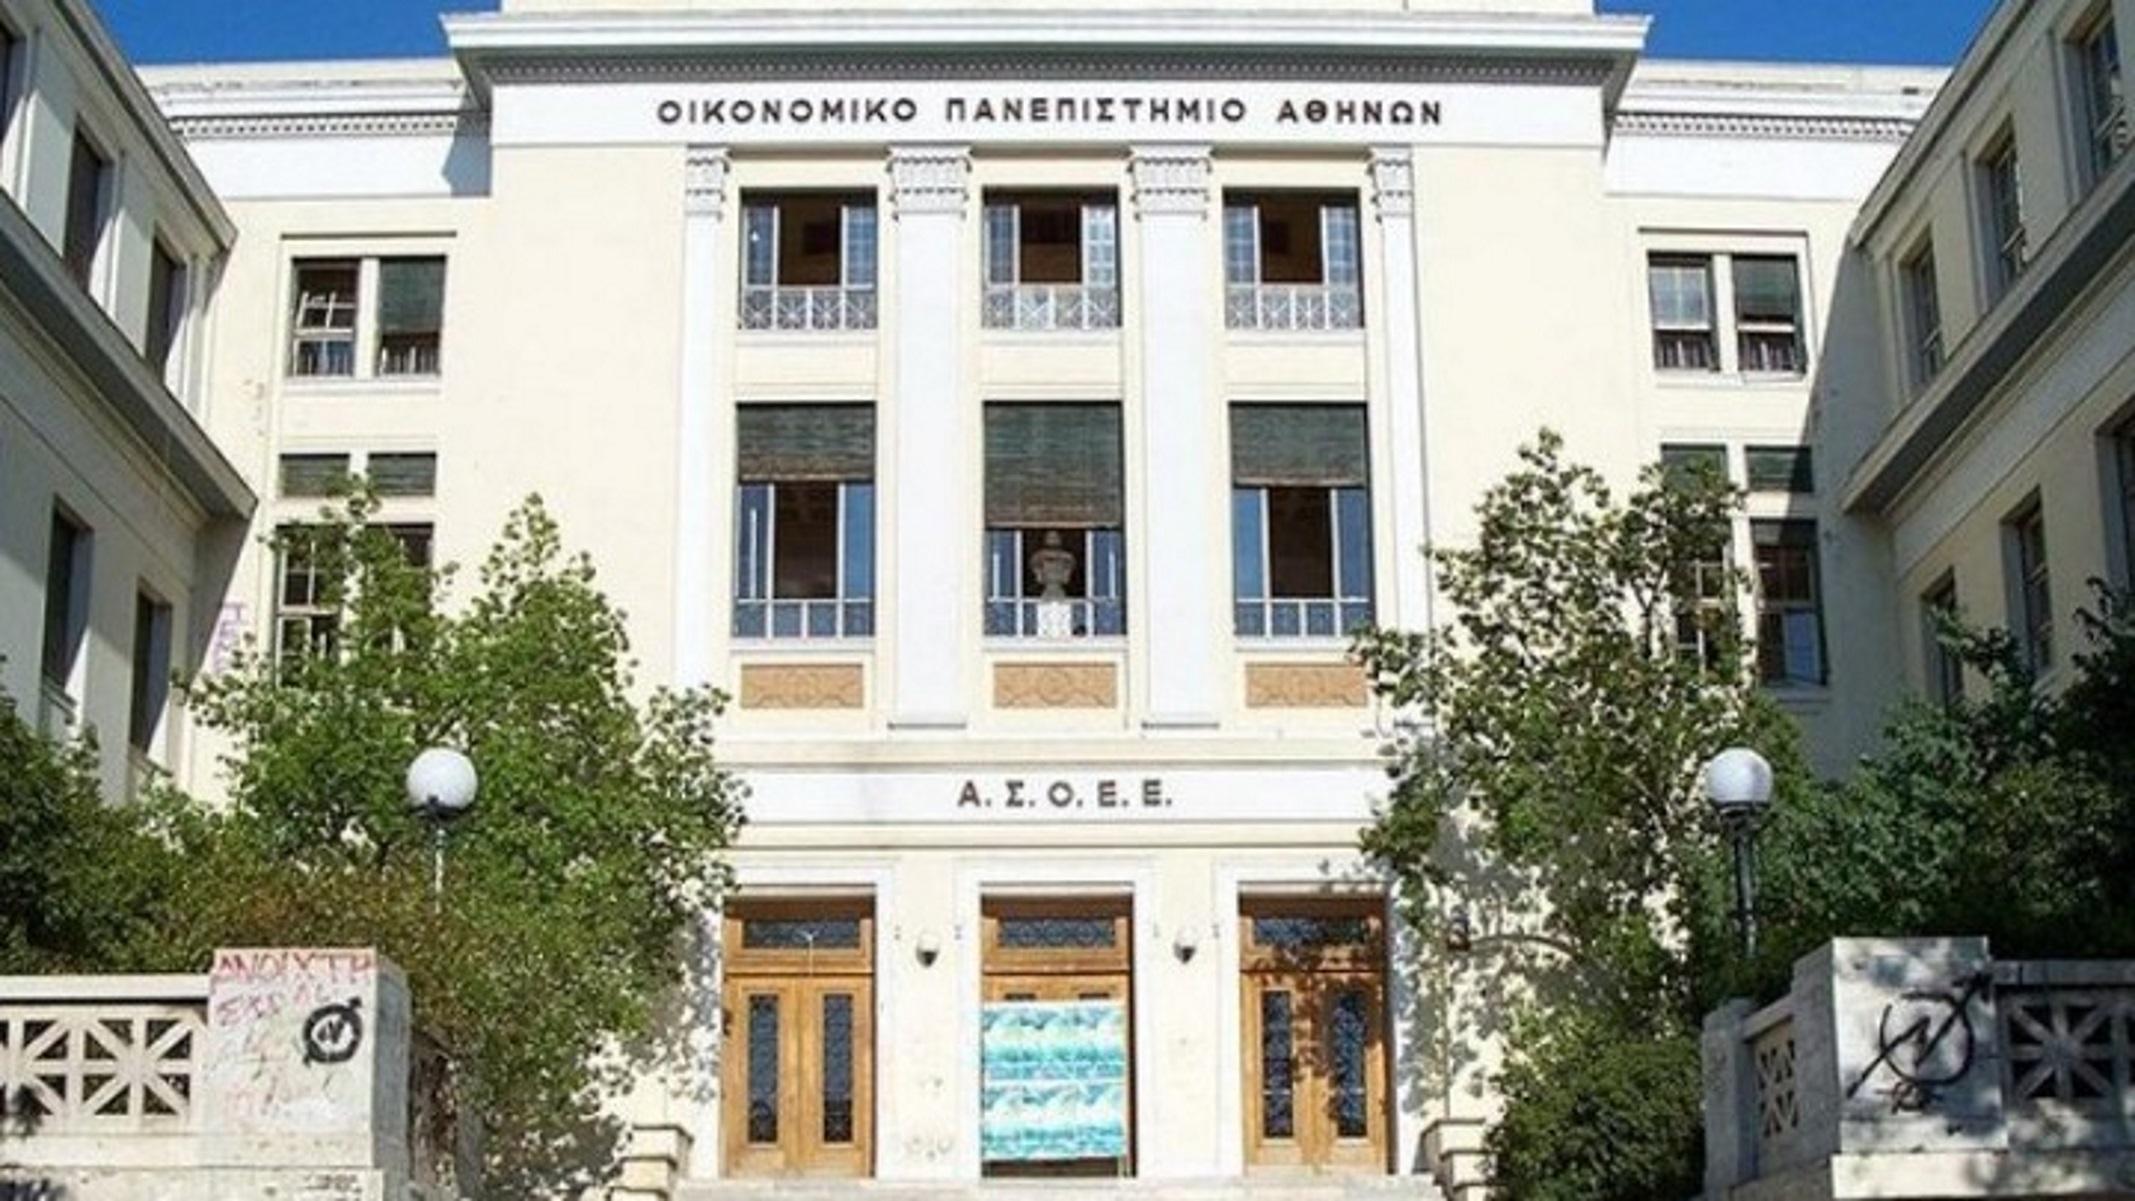 Βάσεις 2021 – Οικονομικό Πανεπιστήμιο Αθηνών: Υψηλή προτίμηση από τους επιτυχόντες στις Πανελλήνιες